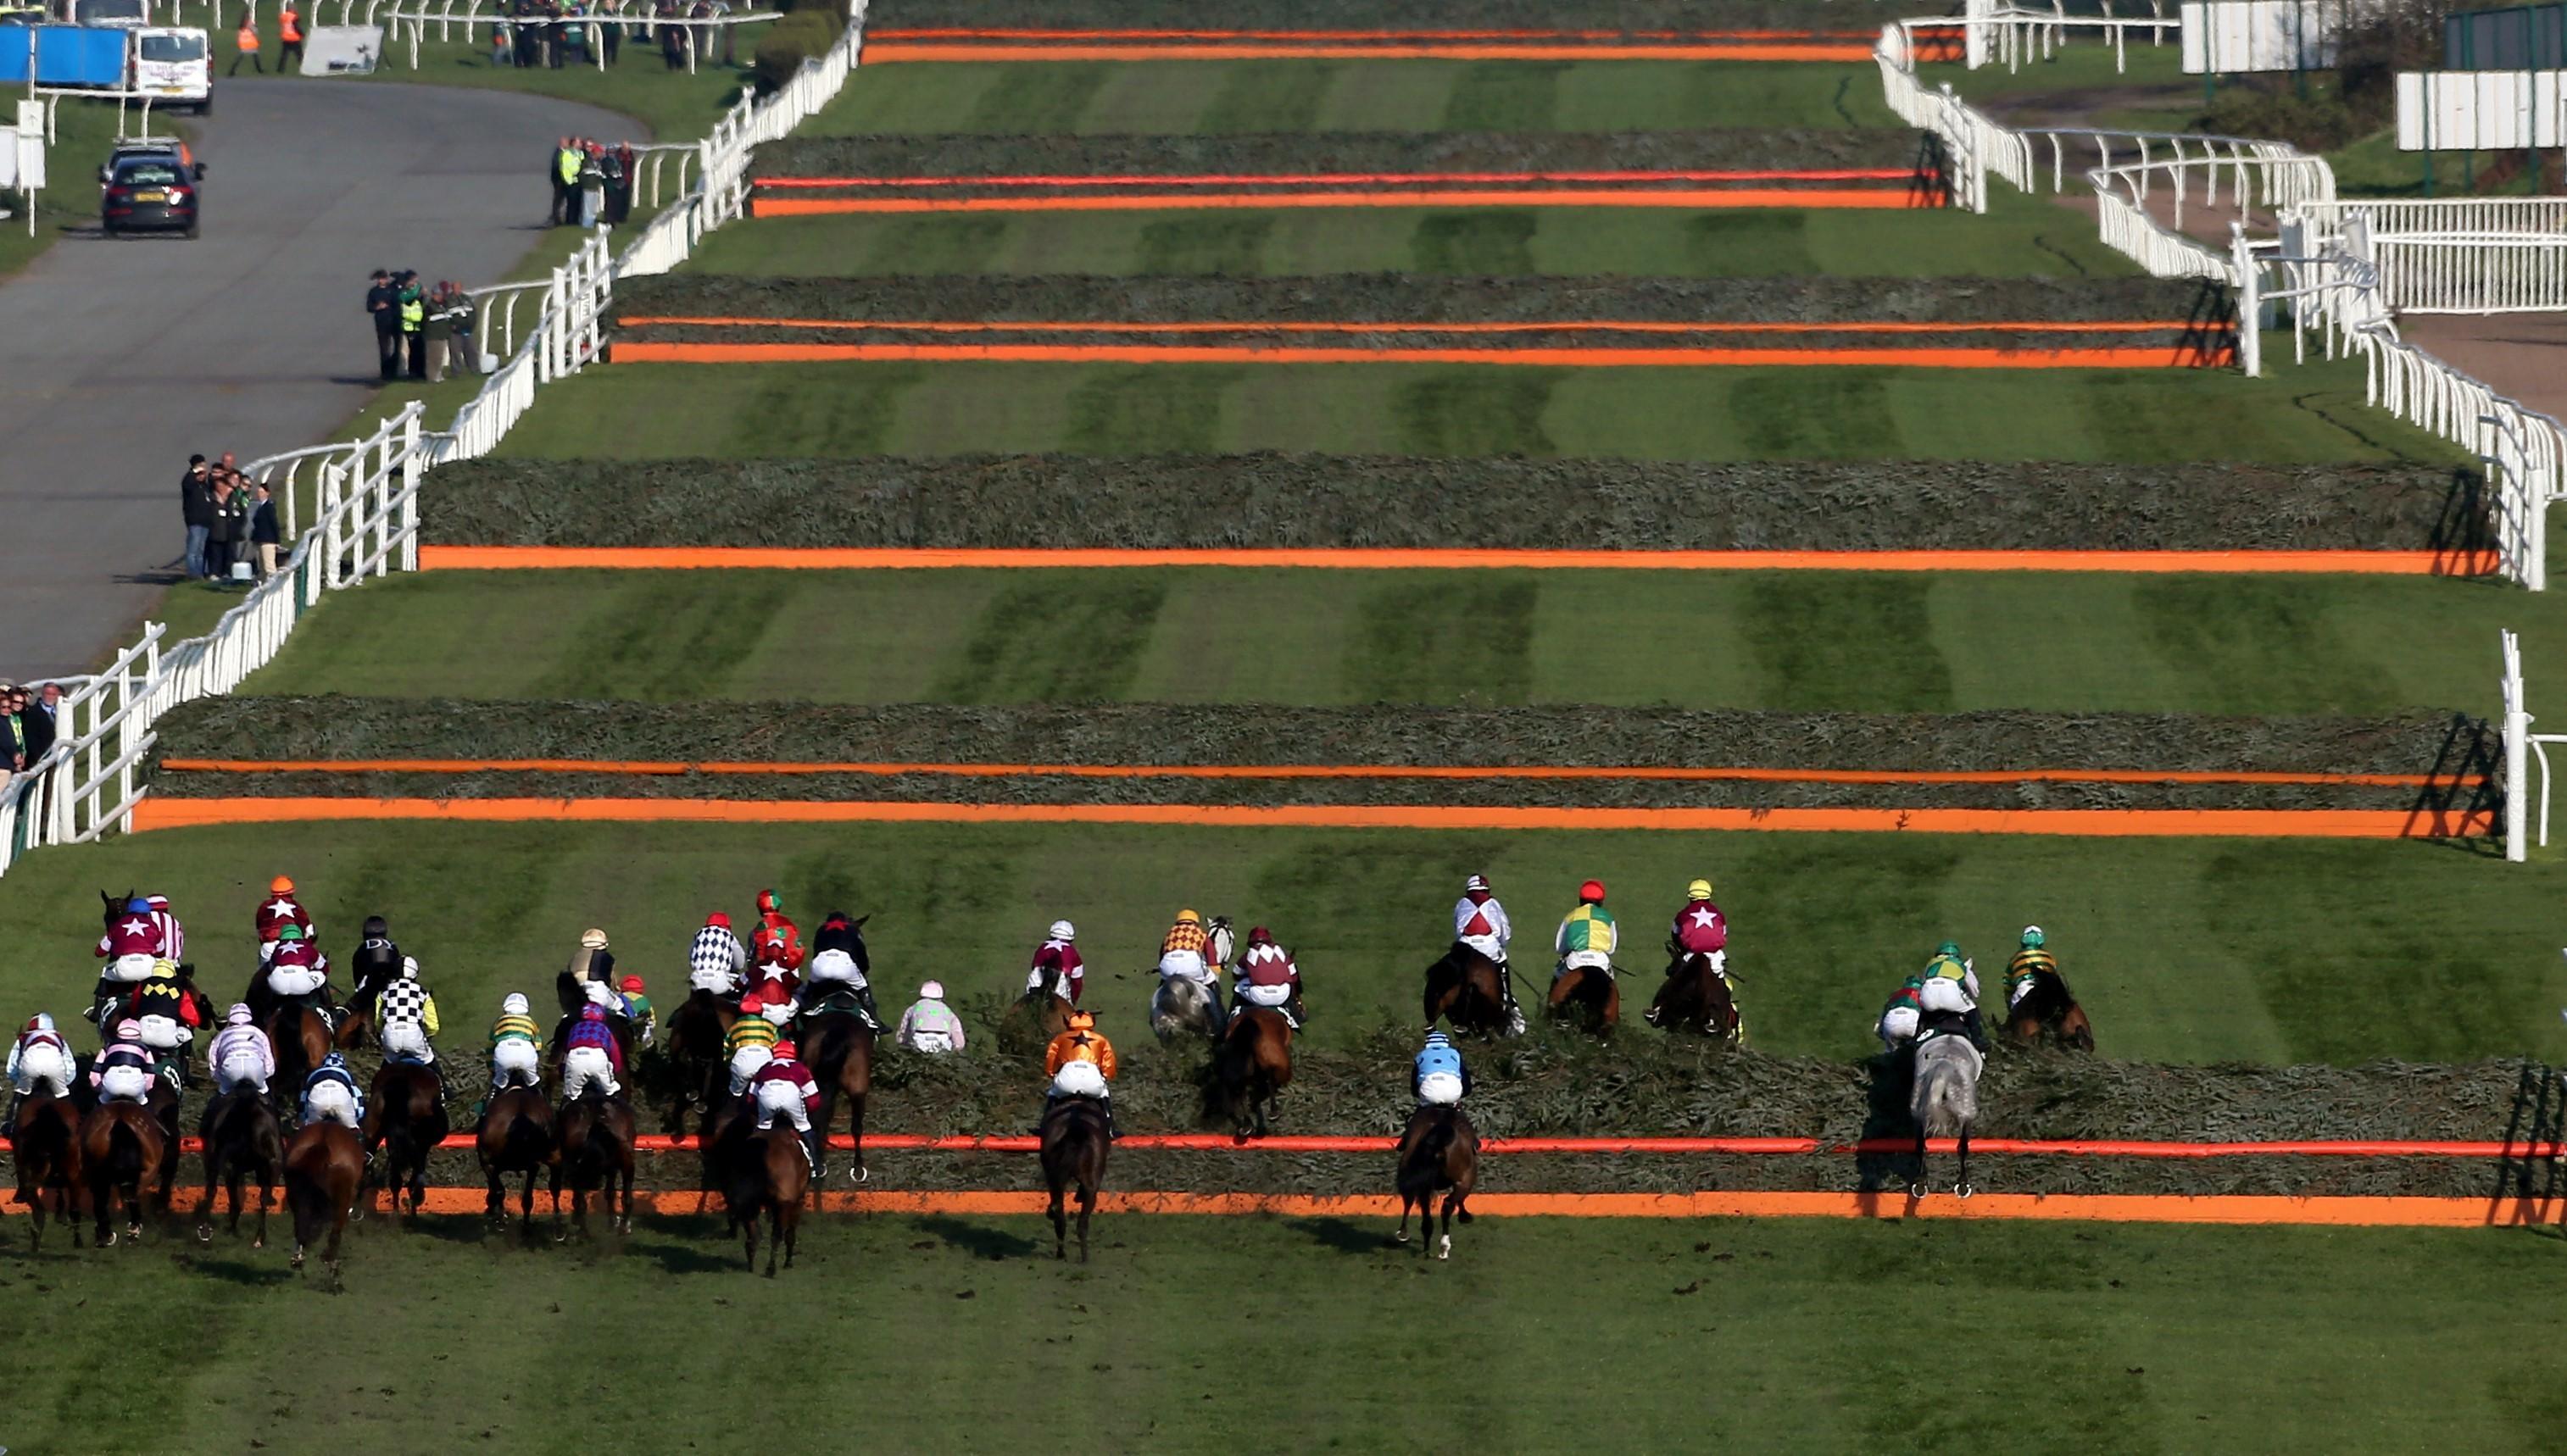 Grand National'ın start düzlüğünde atlar peş peşe altı engel geçiyor. (Bu görsel The Jockey Club'ın izniyle kullanılmıştır)